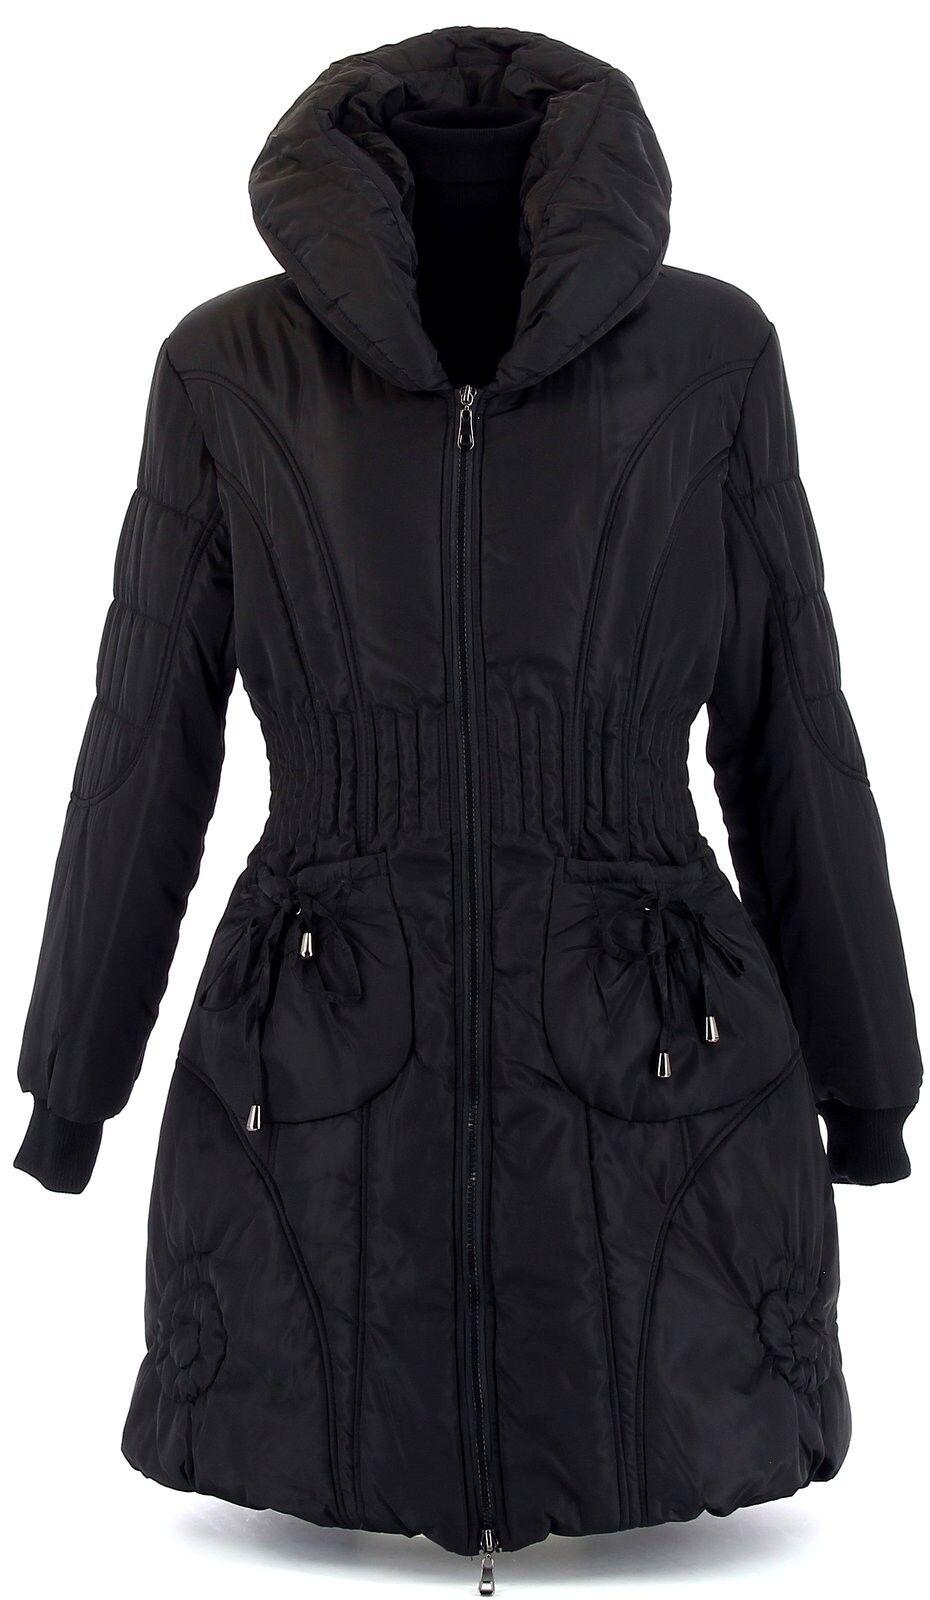 Doudoune longue hiver AMELIE noire